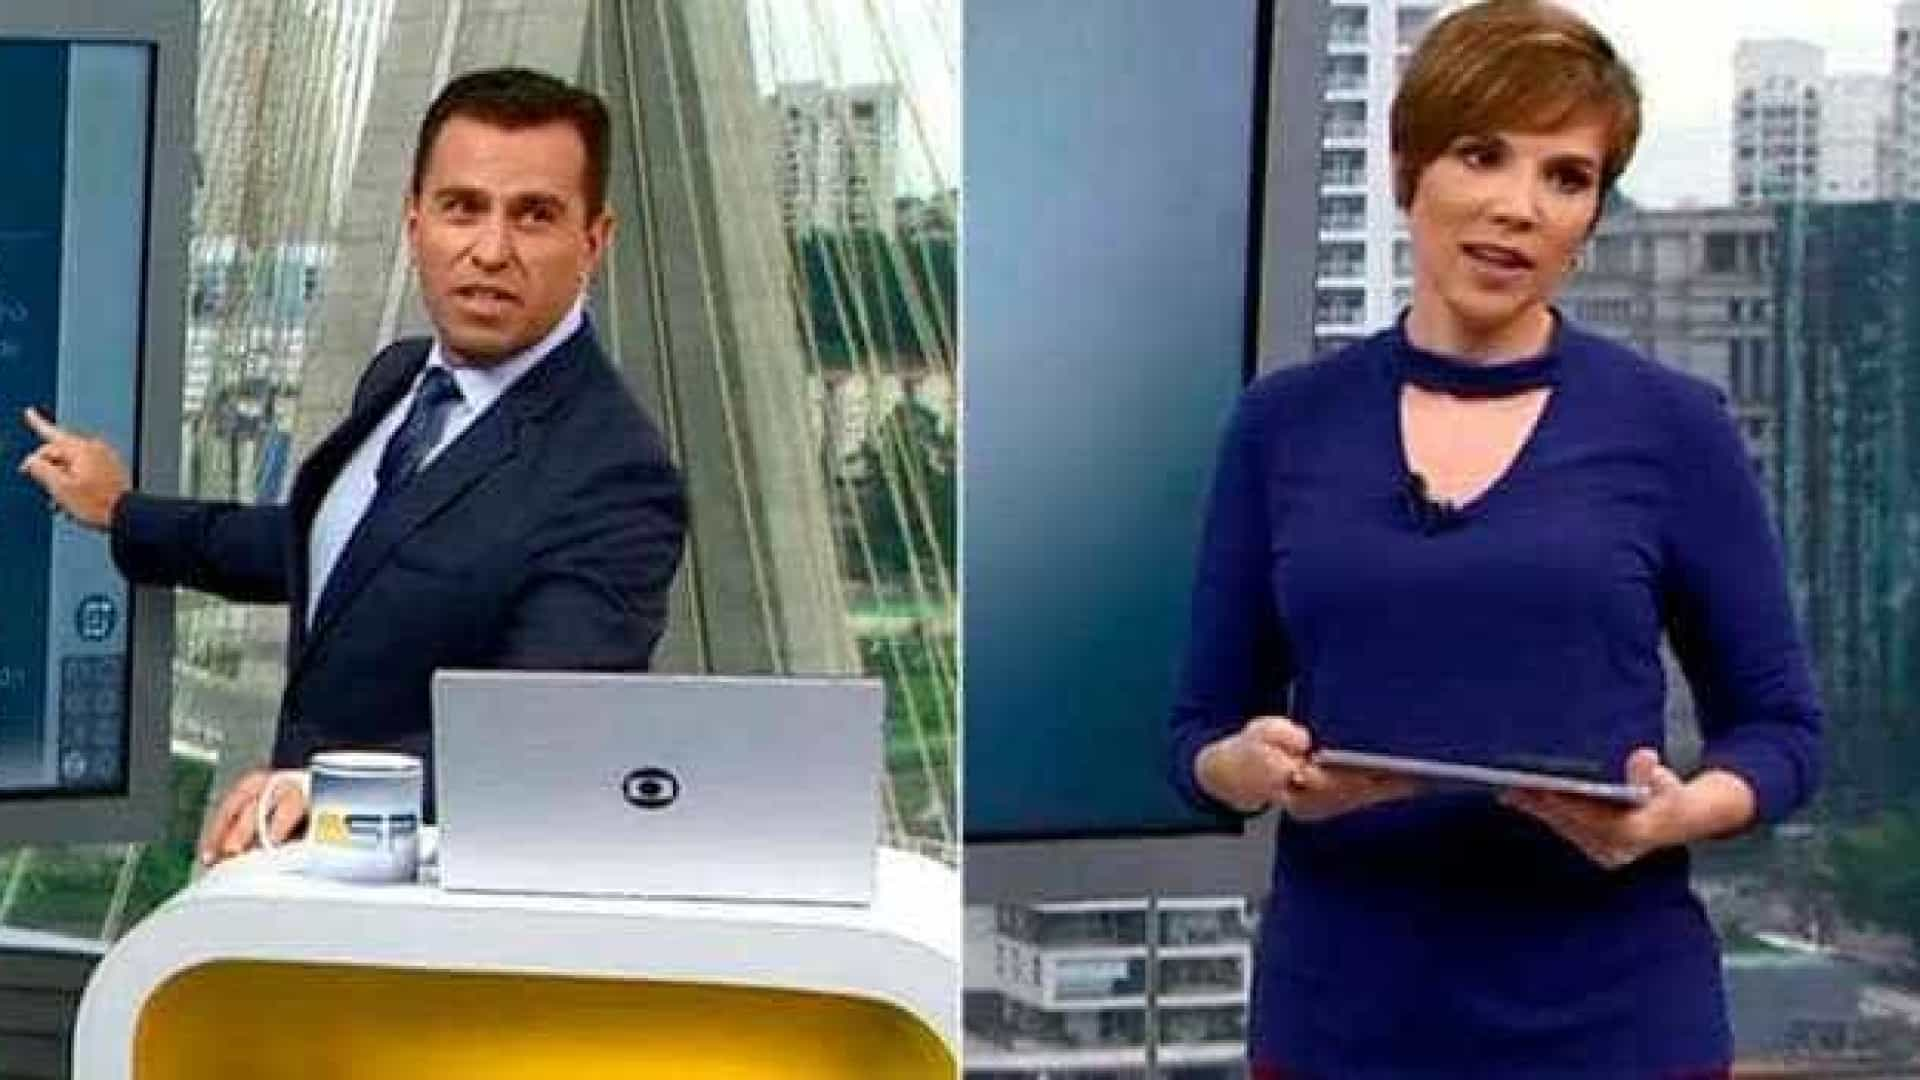 Jornalistas da Globo se desentendem ao vivo e clima pesa